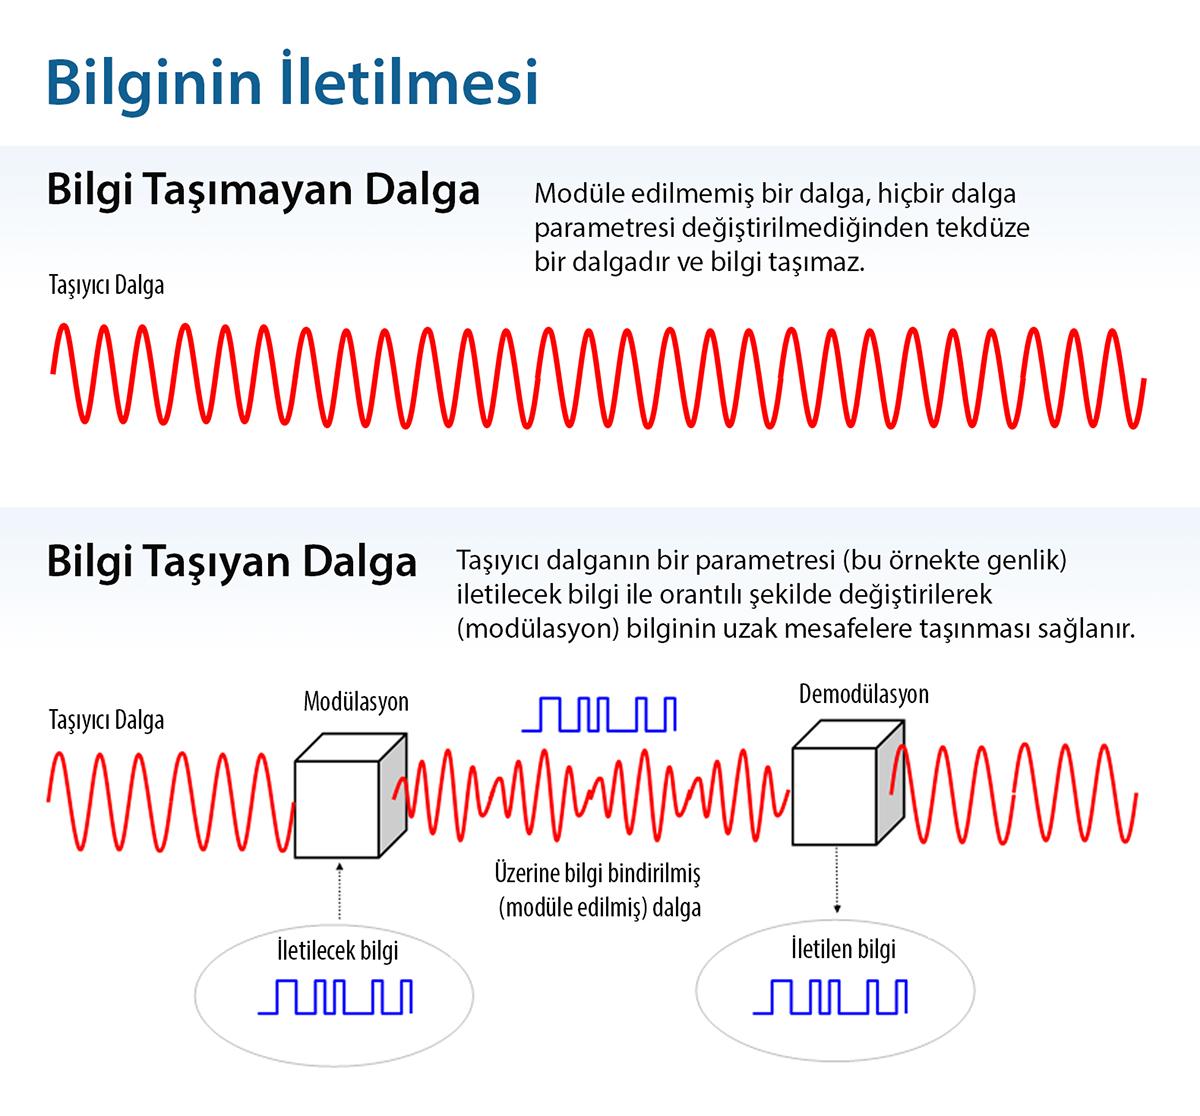 Bilgi taşıyan dalga ve bilgi taşımayan dalga